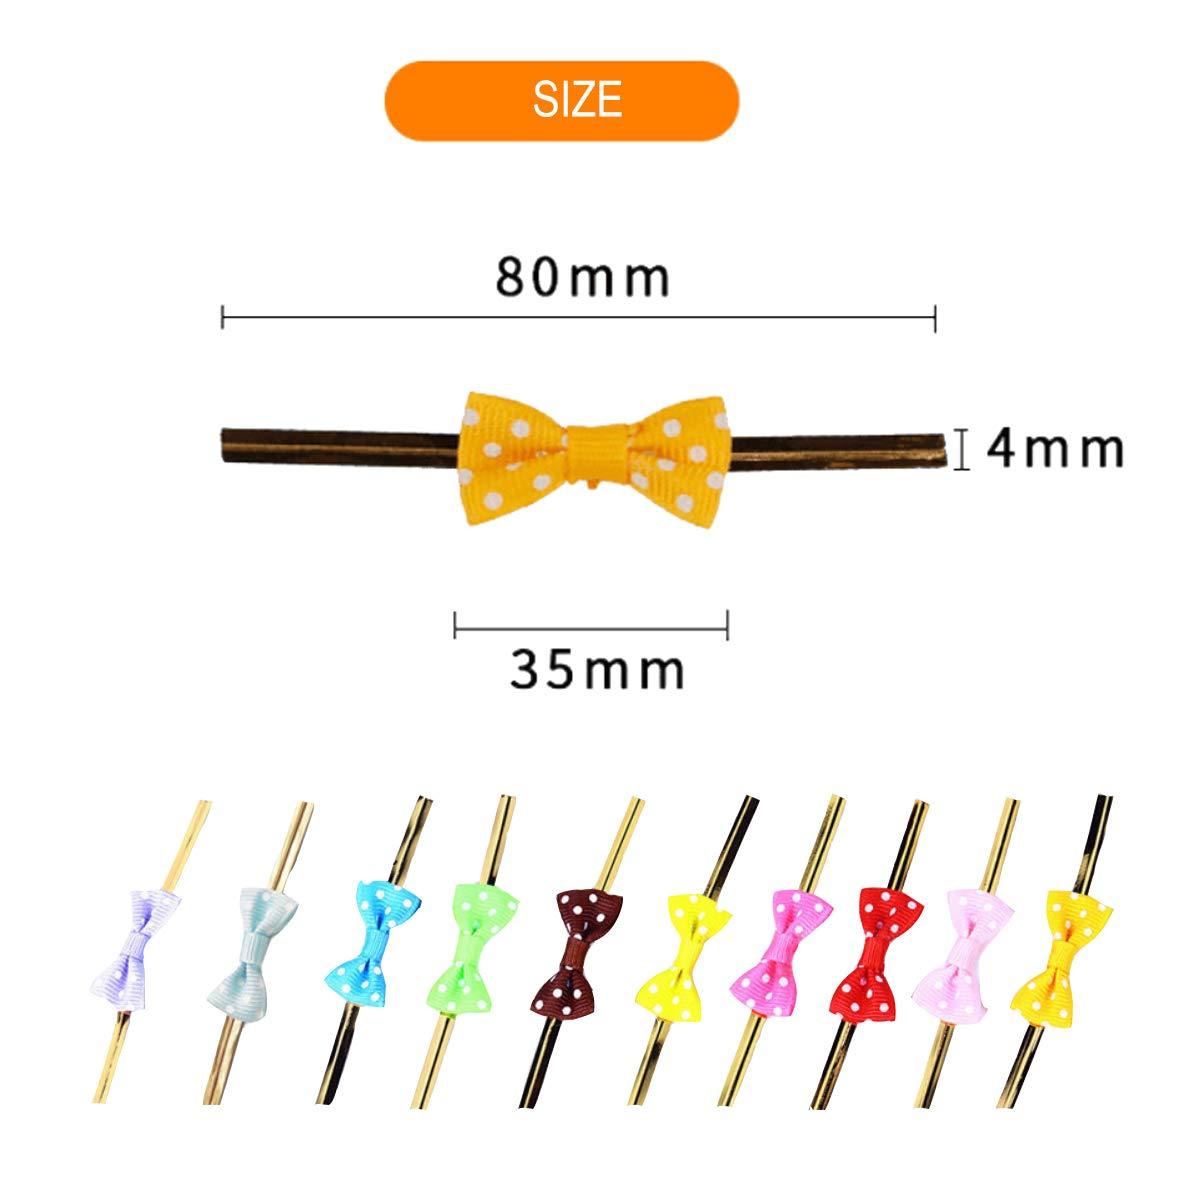 Cellophane Chocolats Twist Ties M/étalliques avec 10 Couleurs pour Les Biscuits Sachet Attache en Fil de Fer d/Étanch/éit/é pour Sac Bonbons Emballage Funhoo Lot de 200 Lien Torsad/é Bowknot